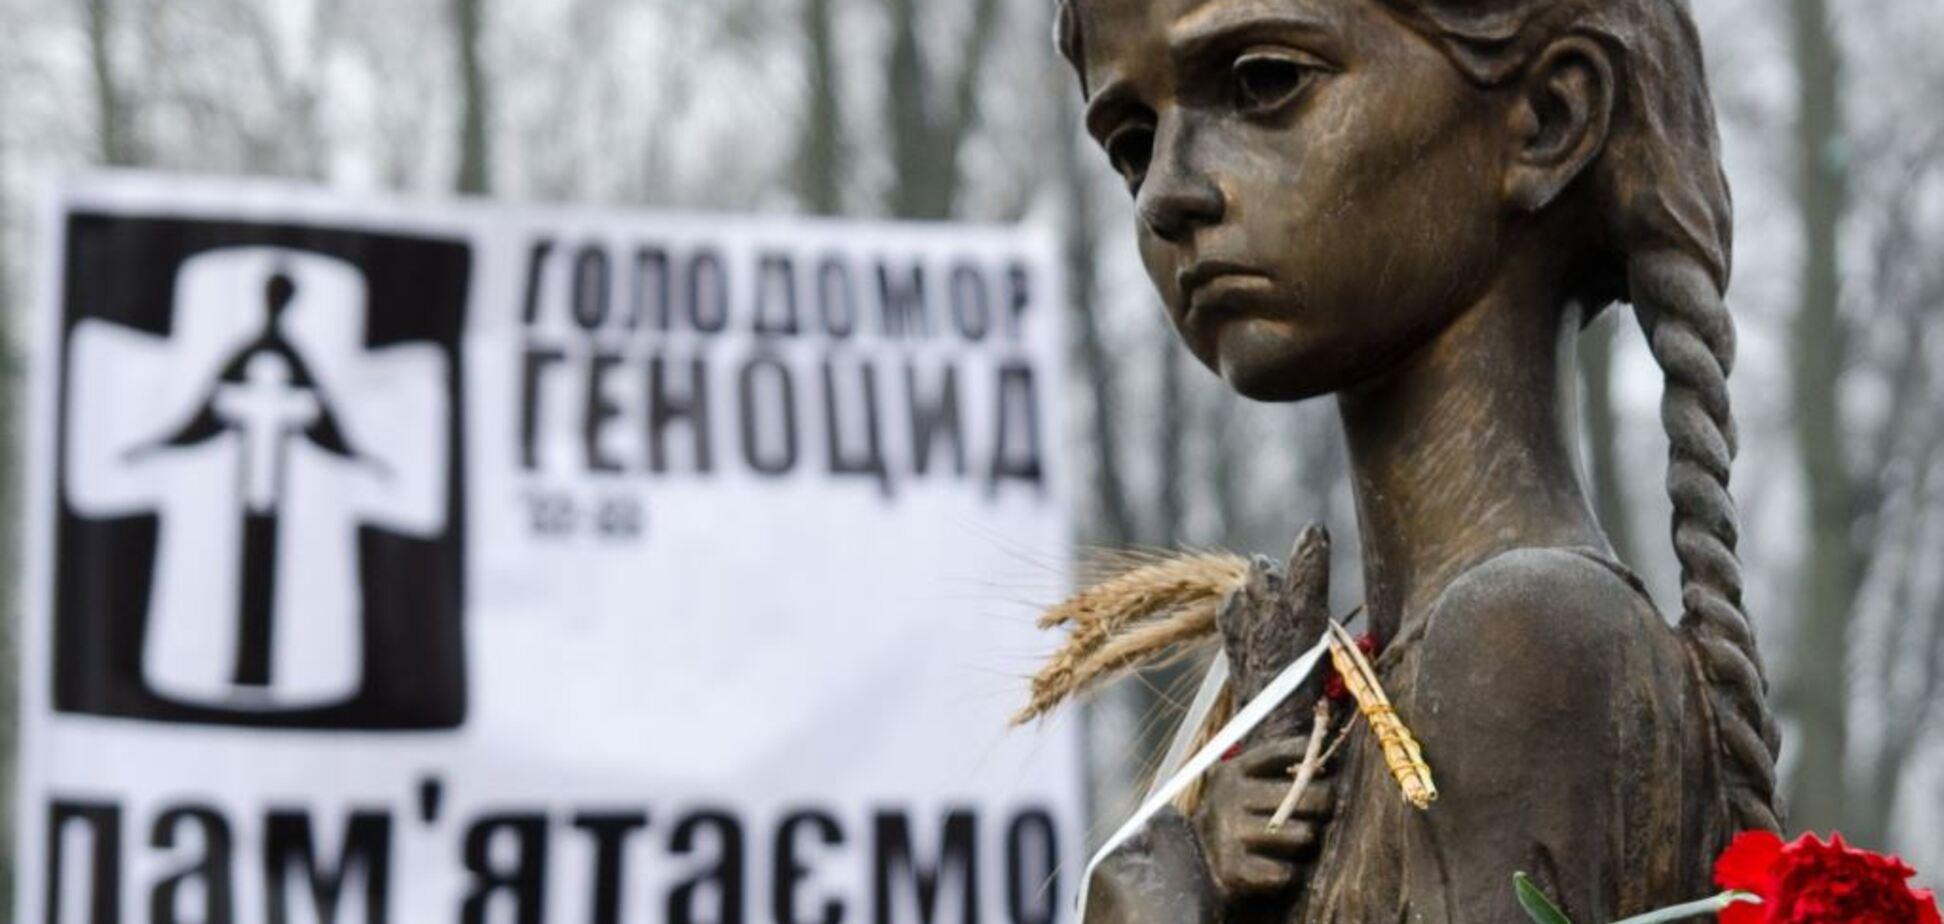 Сталин - убийца: еще один штат США признал Голодомор геноцидом